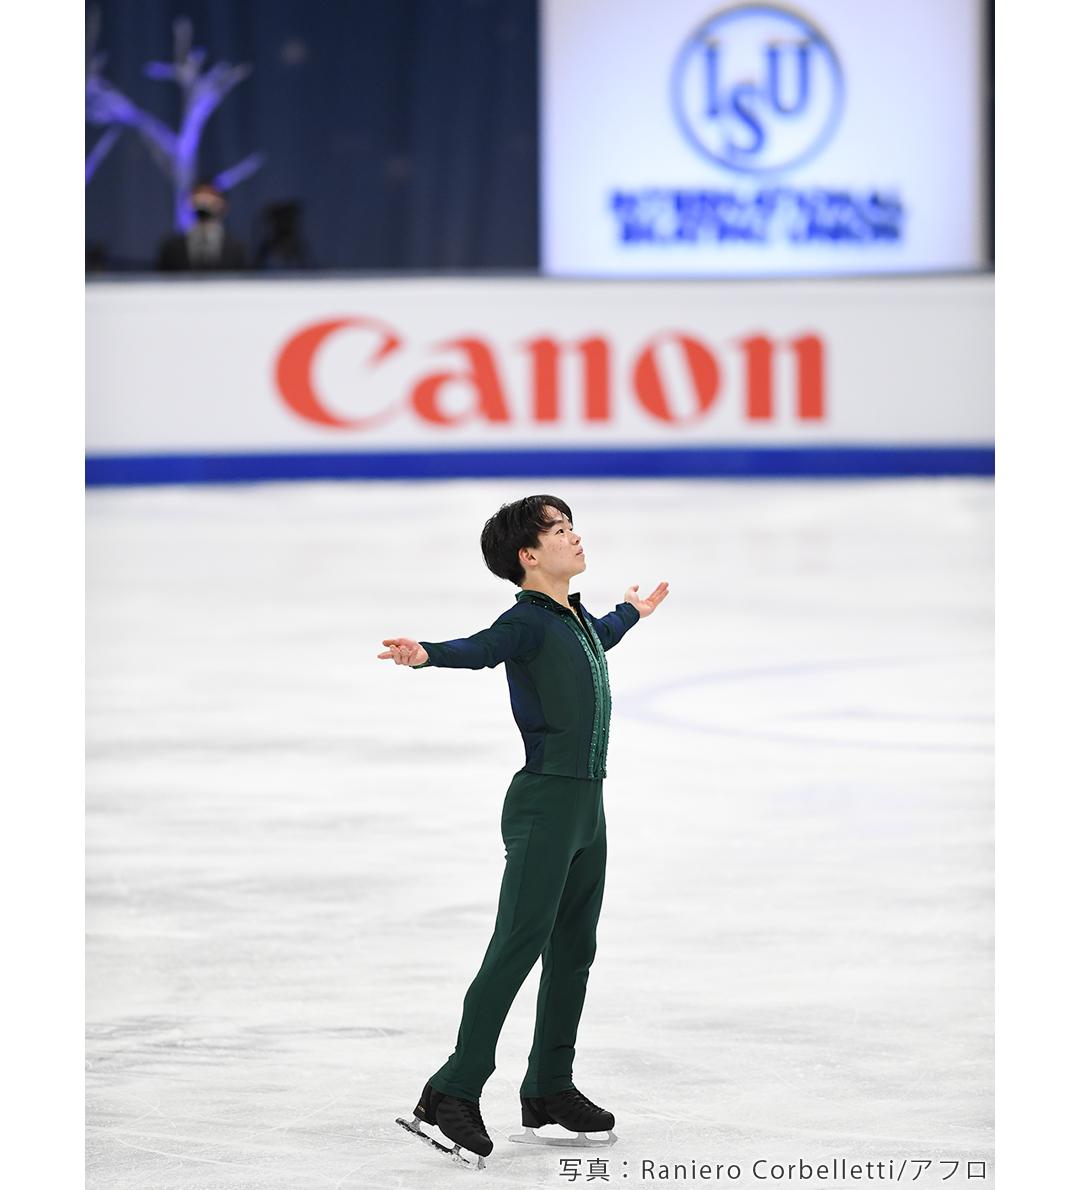 2020年世界選手権に出場し、銀メダルを獲得したフィギュアスケートの鍵山優真選手